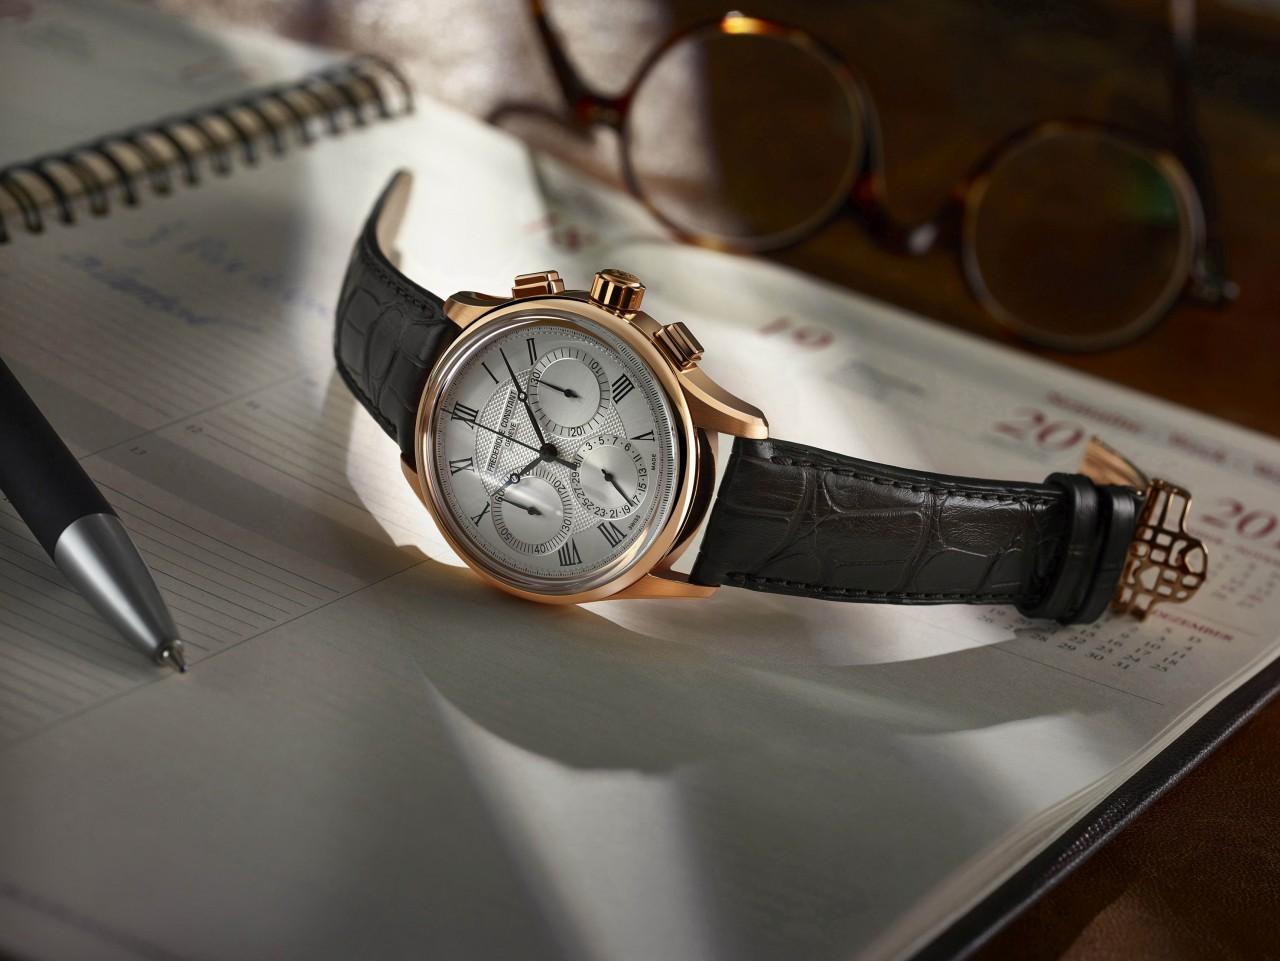 【2017巴塞爾報導】康斯登推出第一枚自製機芯飛返計時腕錶Flyback Chronograph Manufacture